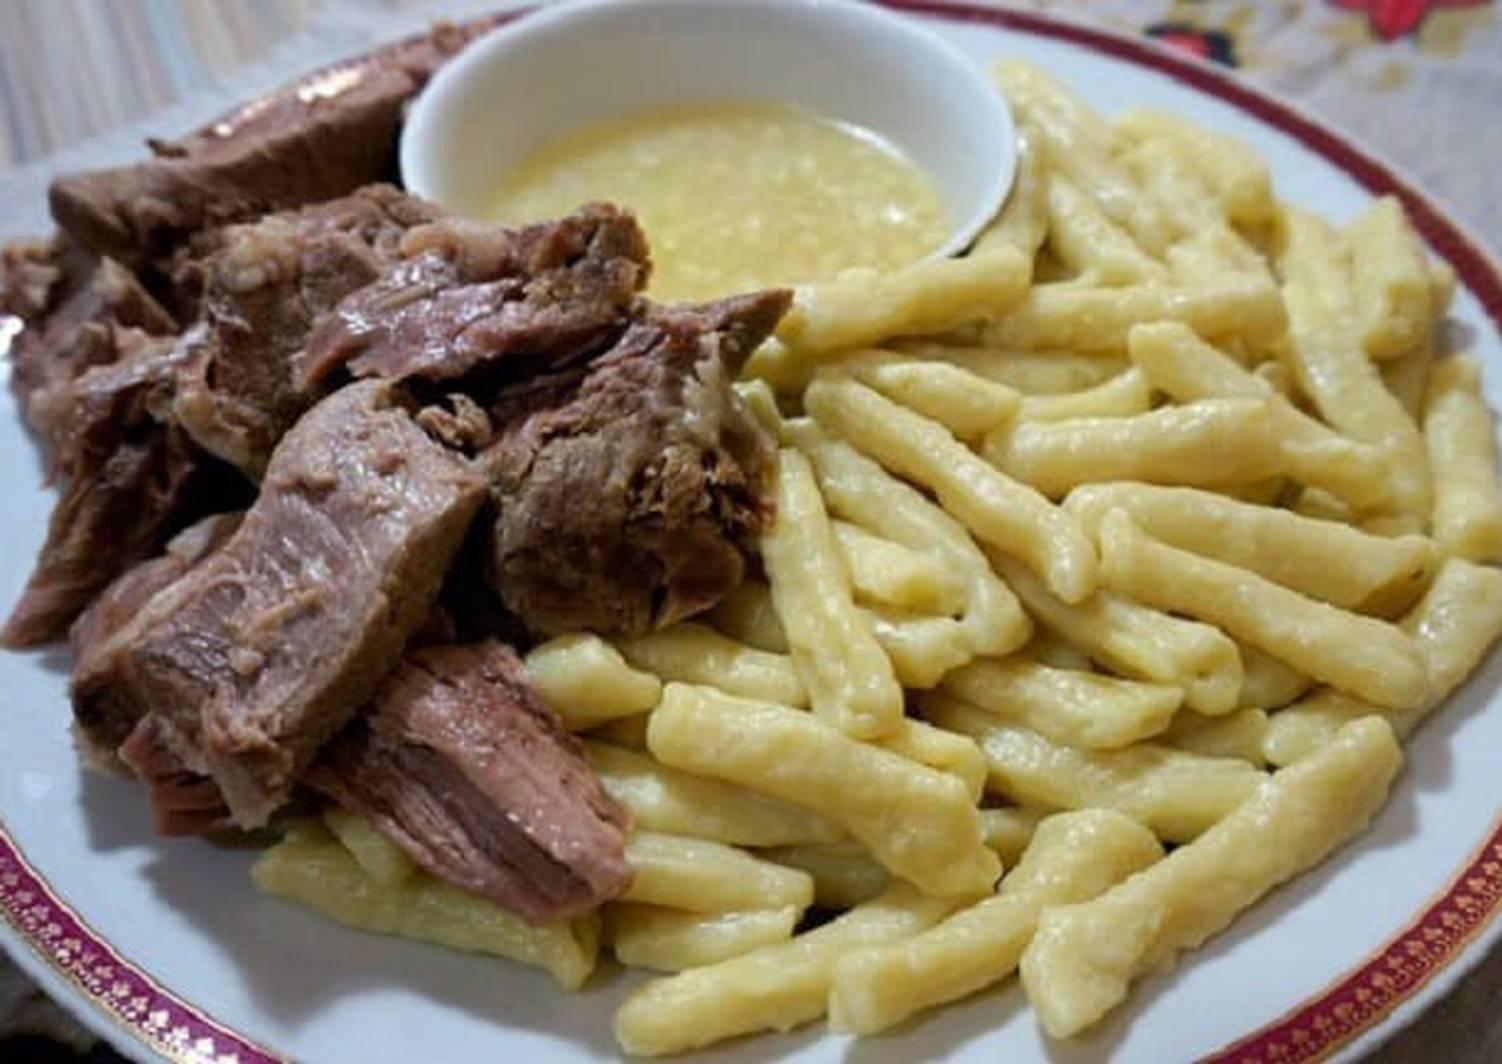 ингушские блюда рецепты с фото любителей флоры наибольшим